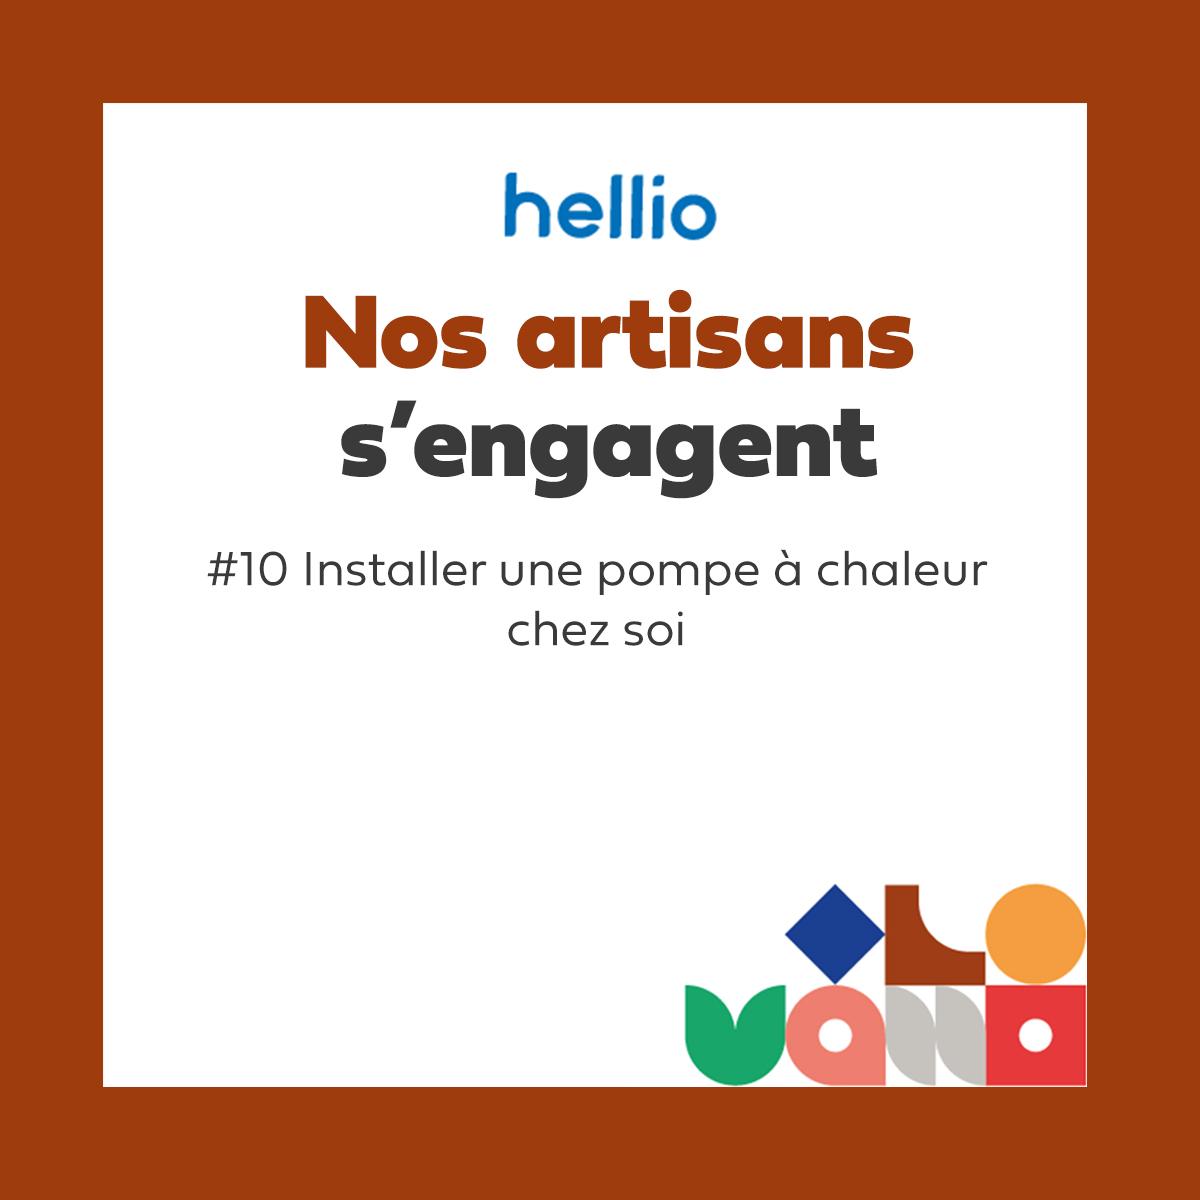 Podcast Hellio installer une pompe à chaleur chez soi Nos artisans s'engagent #10